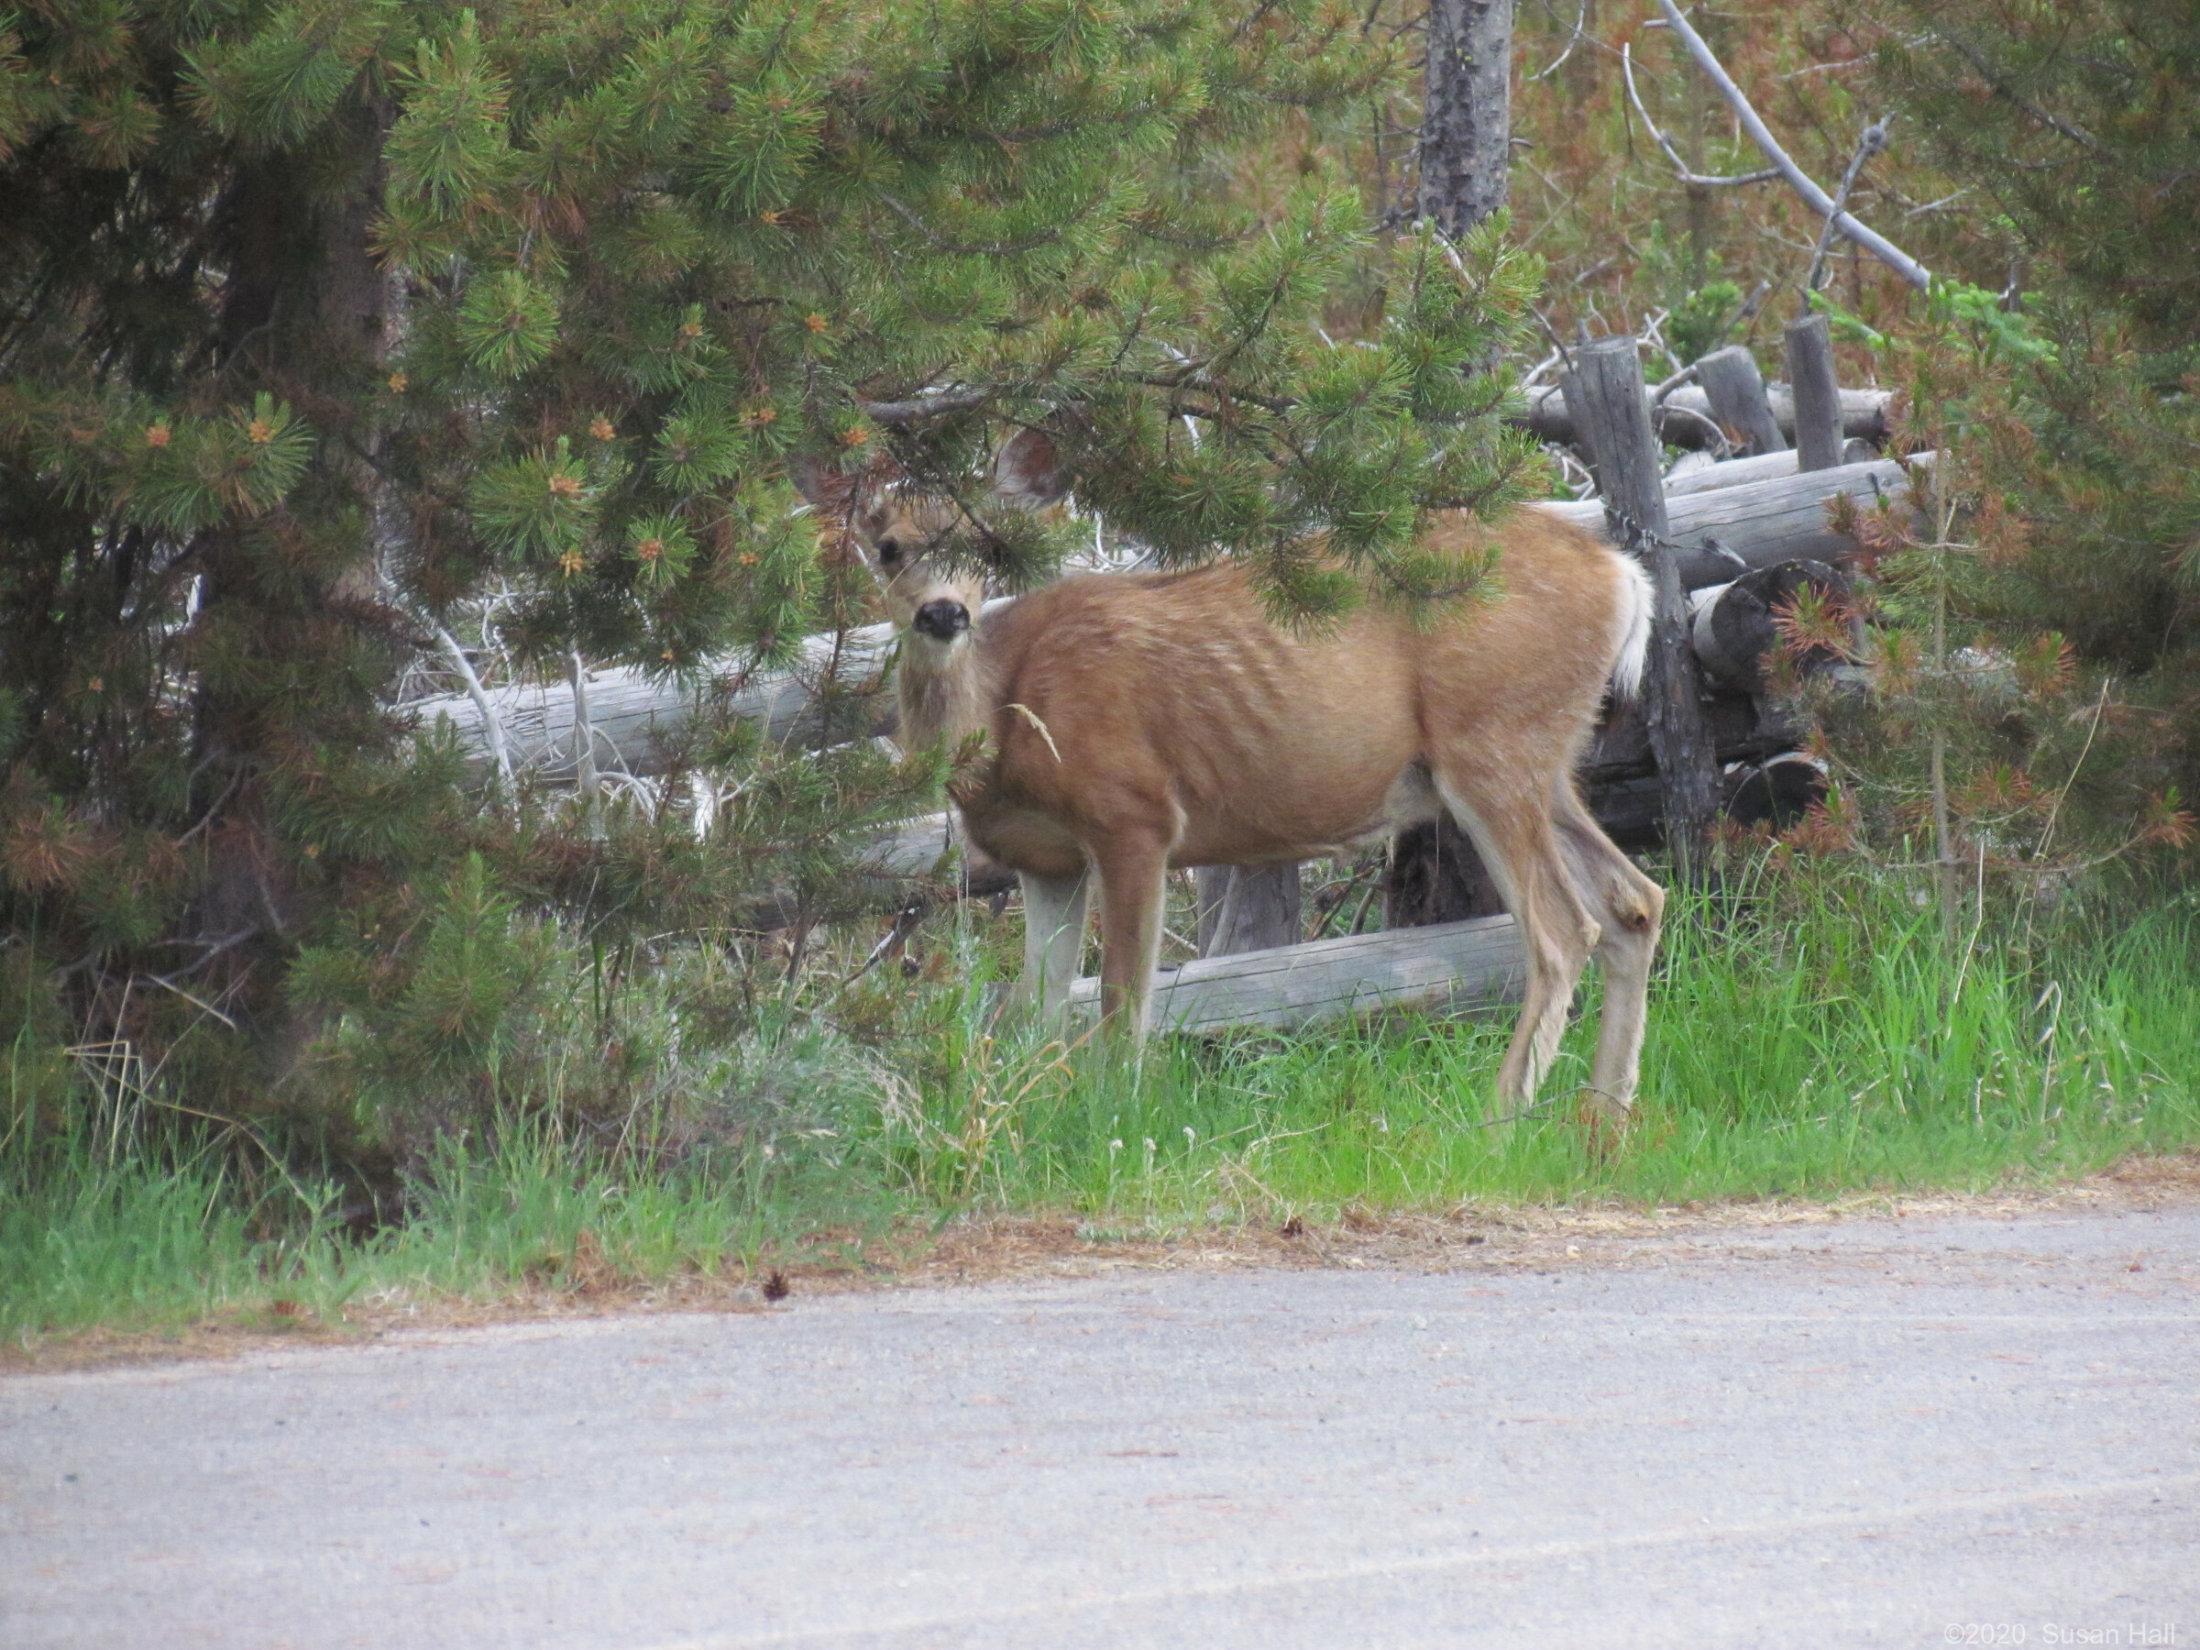 Peak a boo deer